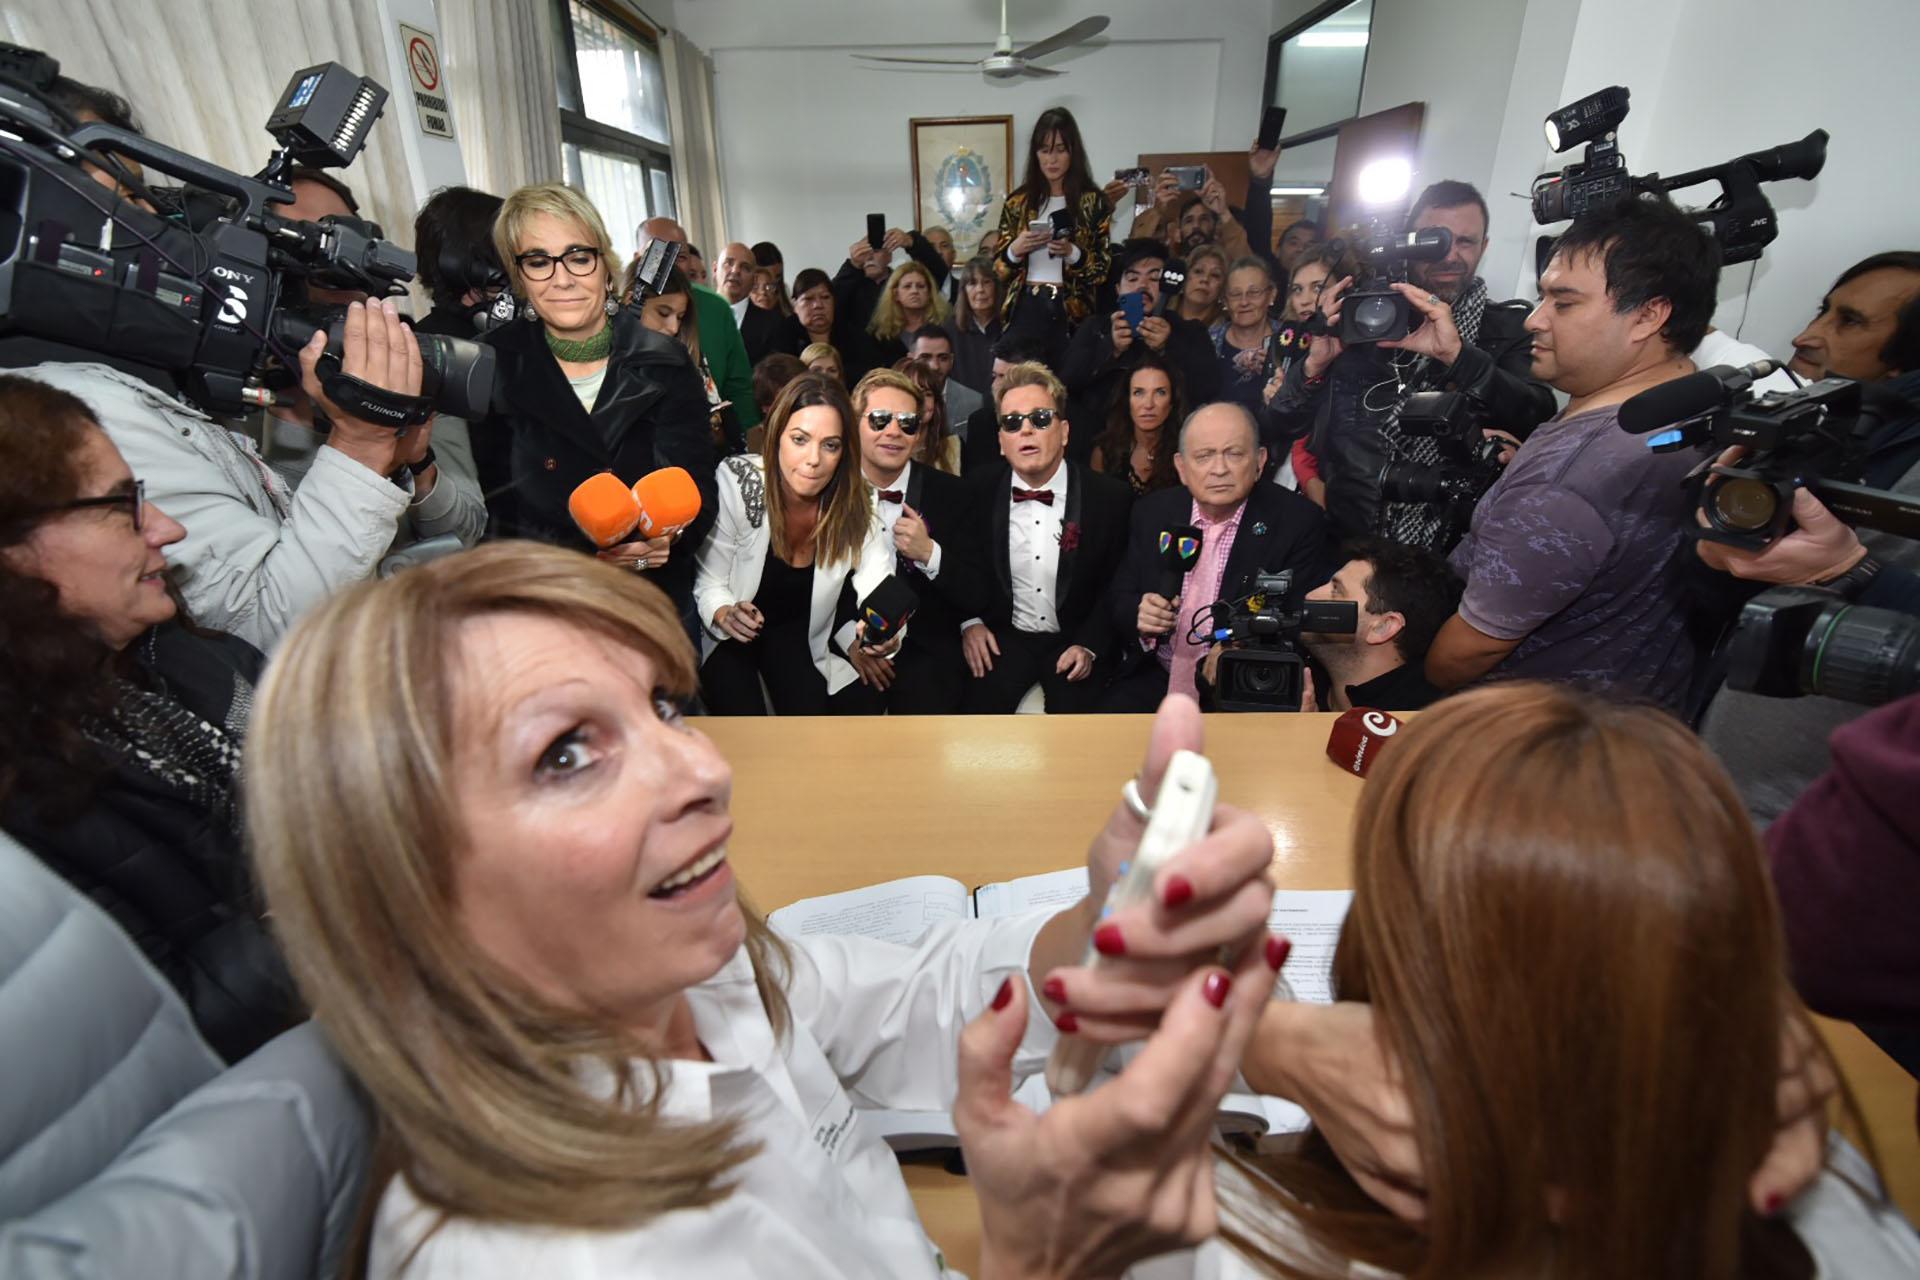 Entre la cantidad de gente y los nervios, la jueza tuvo que prender el aire acondicionado